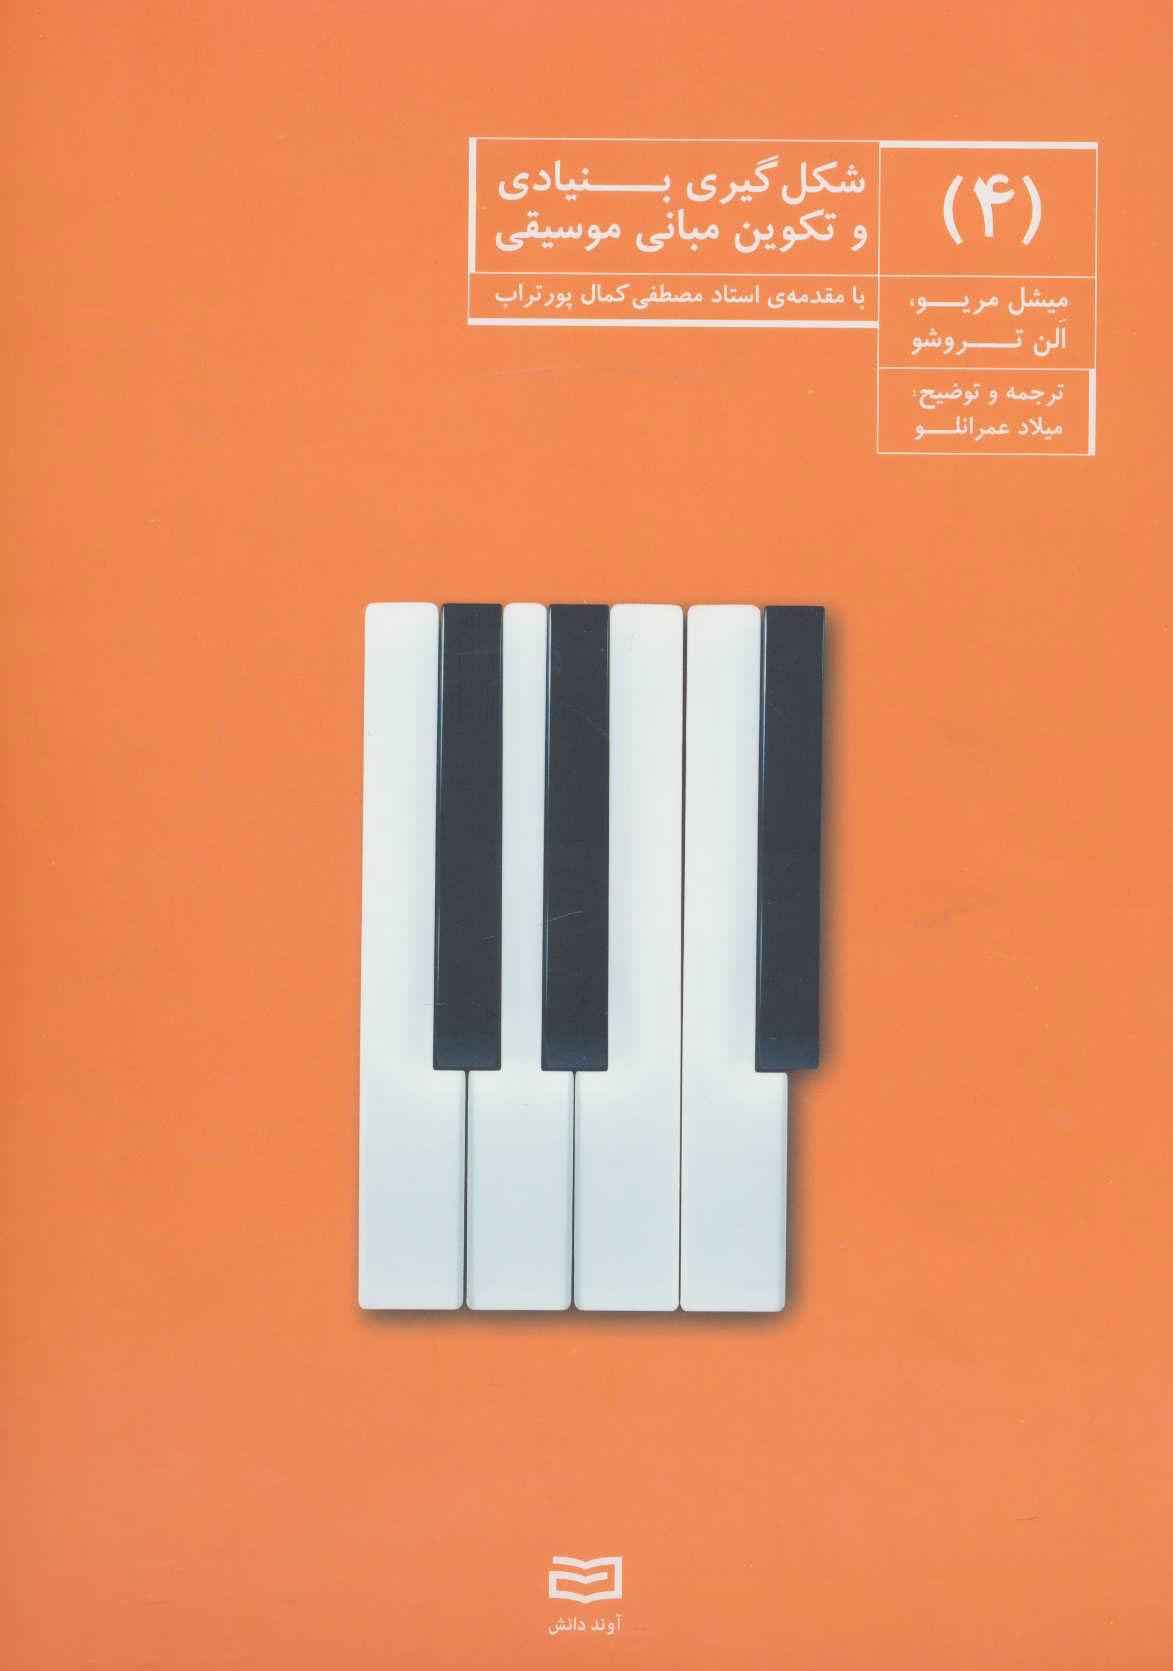 کتاب شکل گیری بنیادی و تکوین مبانی موسیقی (4)